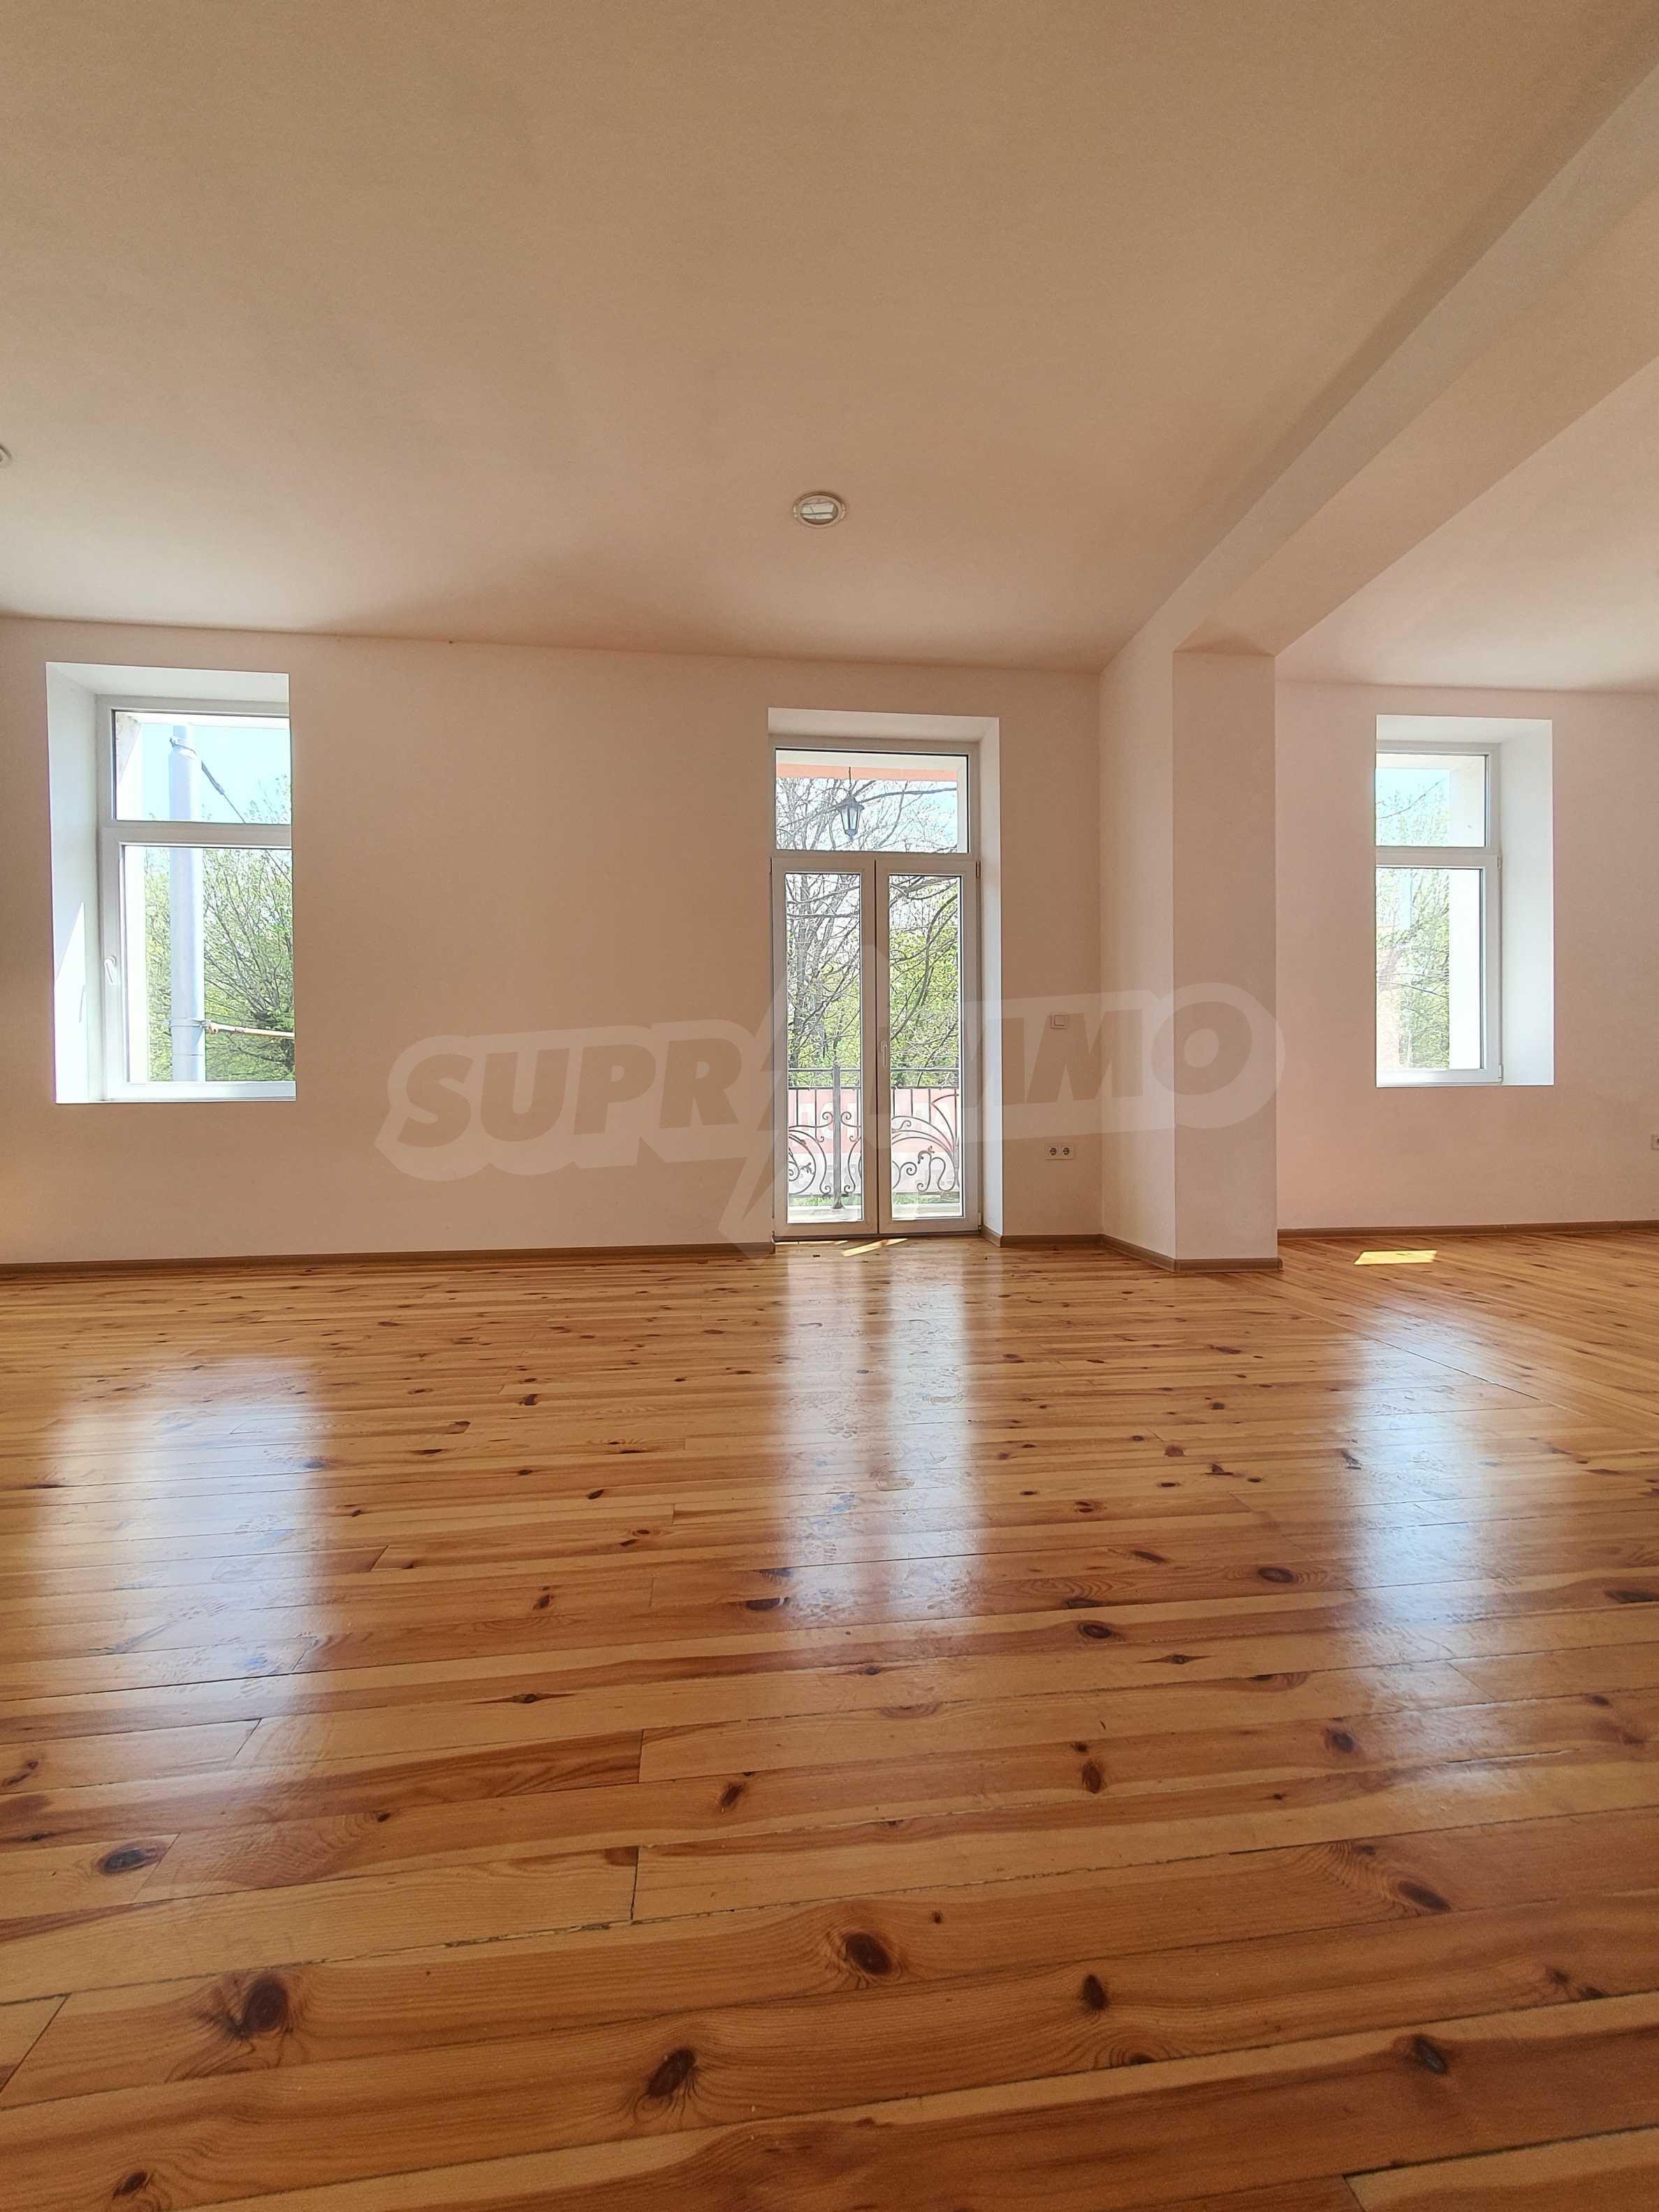 House for sale in the center opposite Dondukova Garden 2